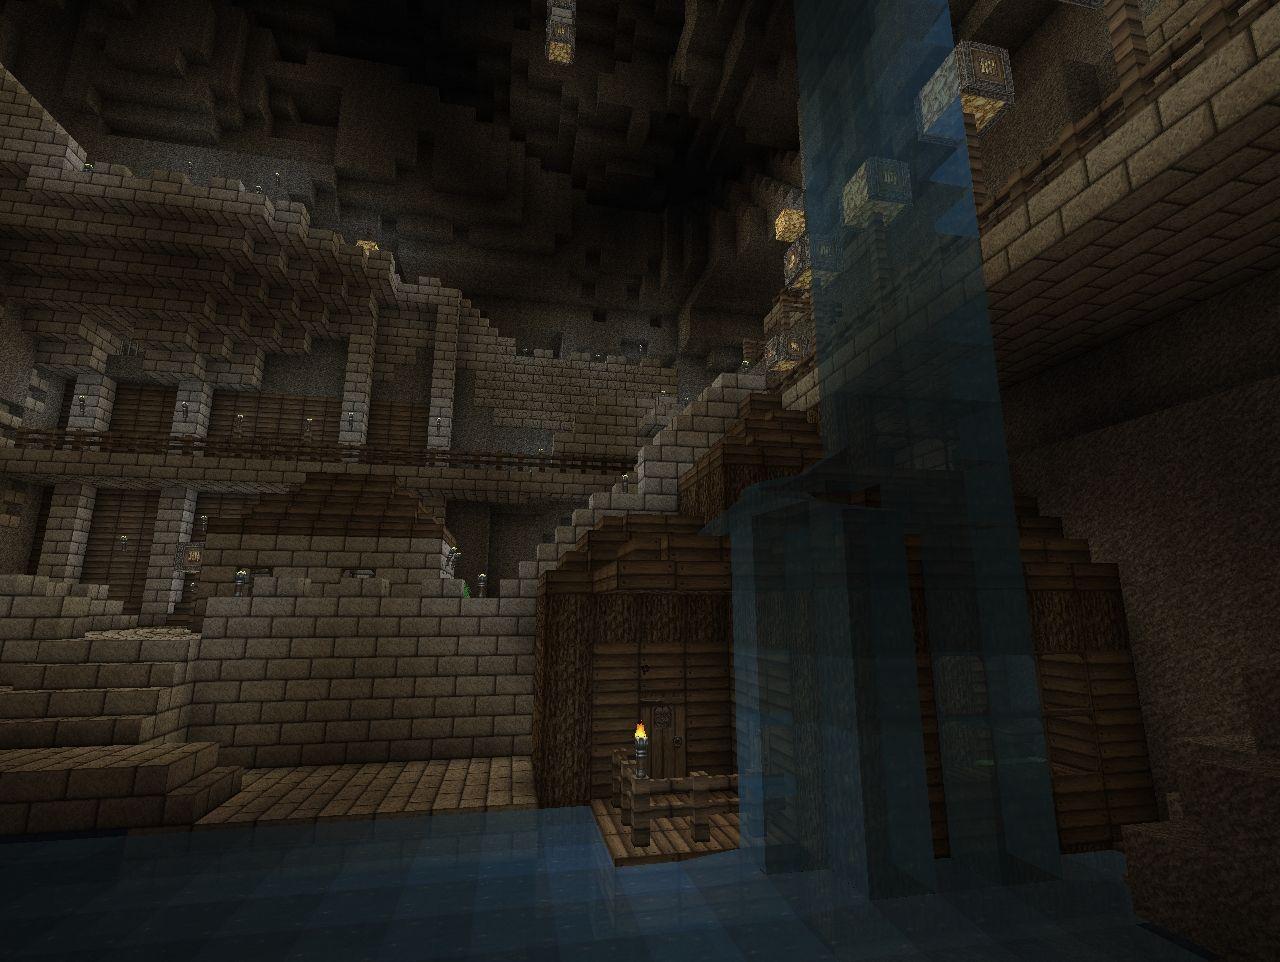 карты на волны монстров в подземелье на майнкрафт #11